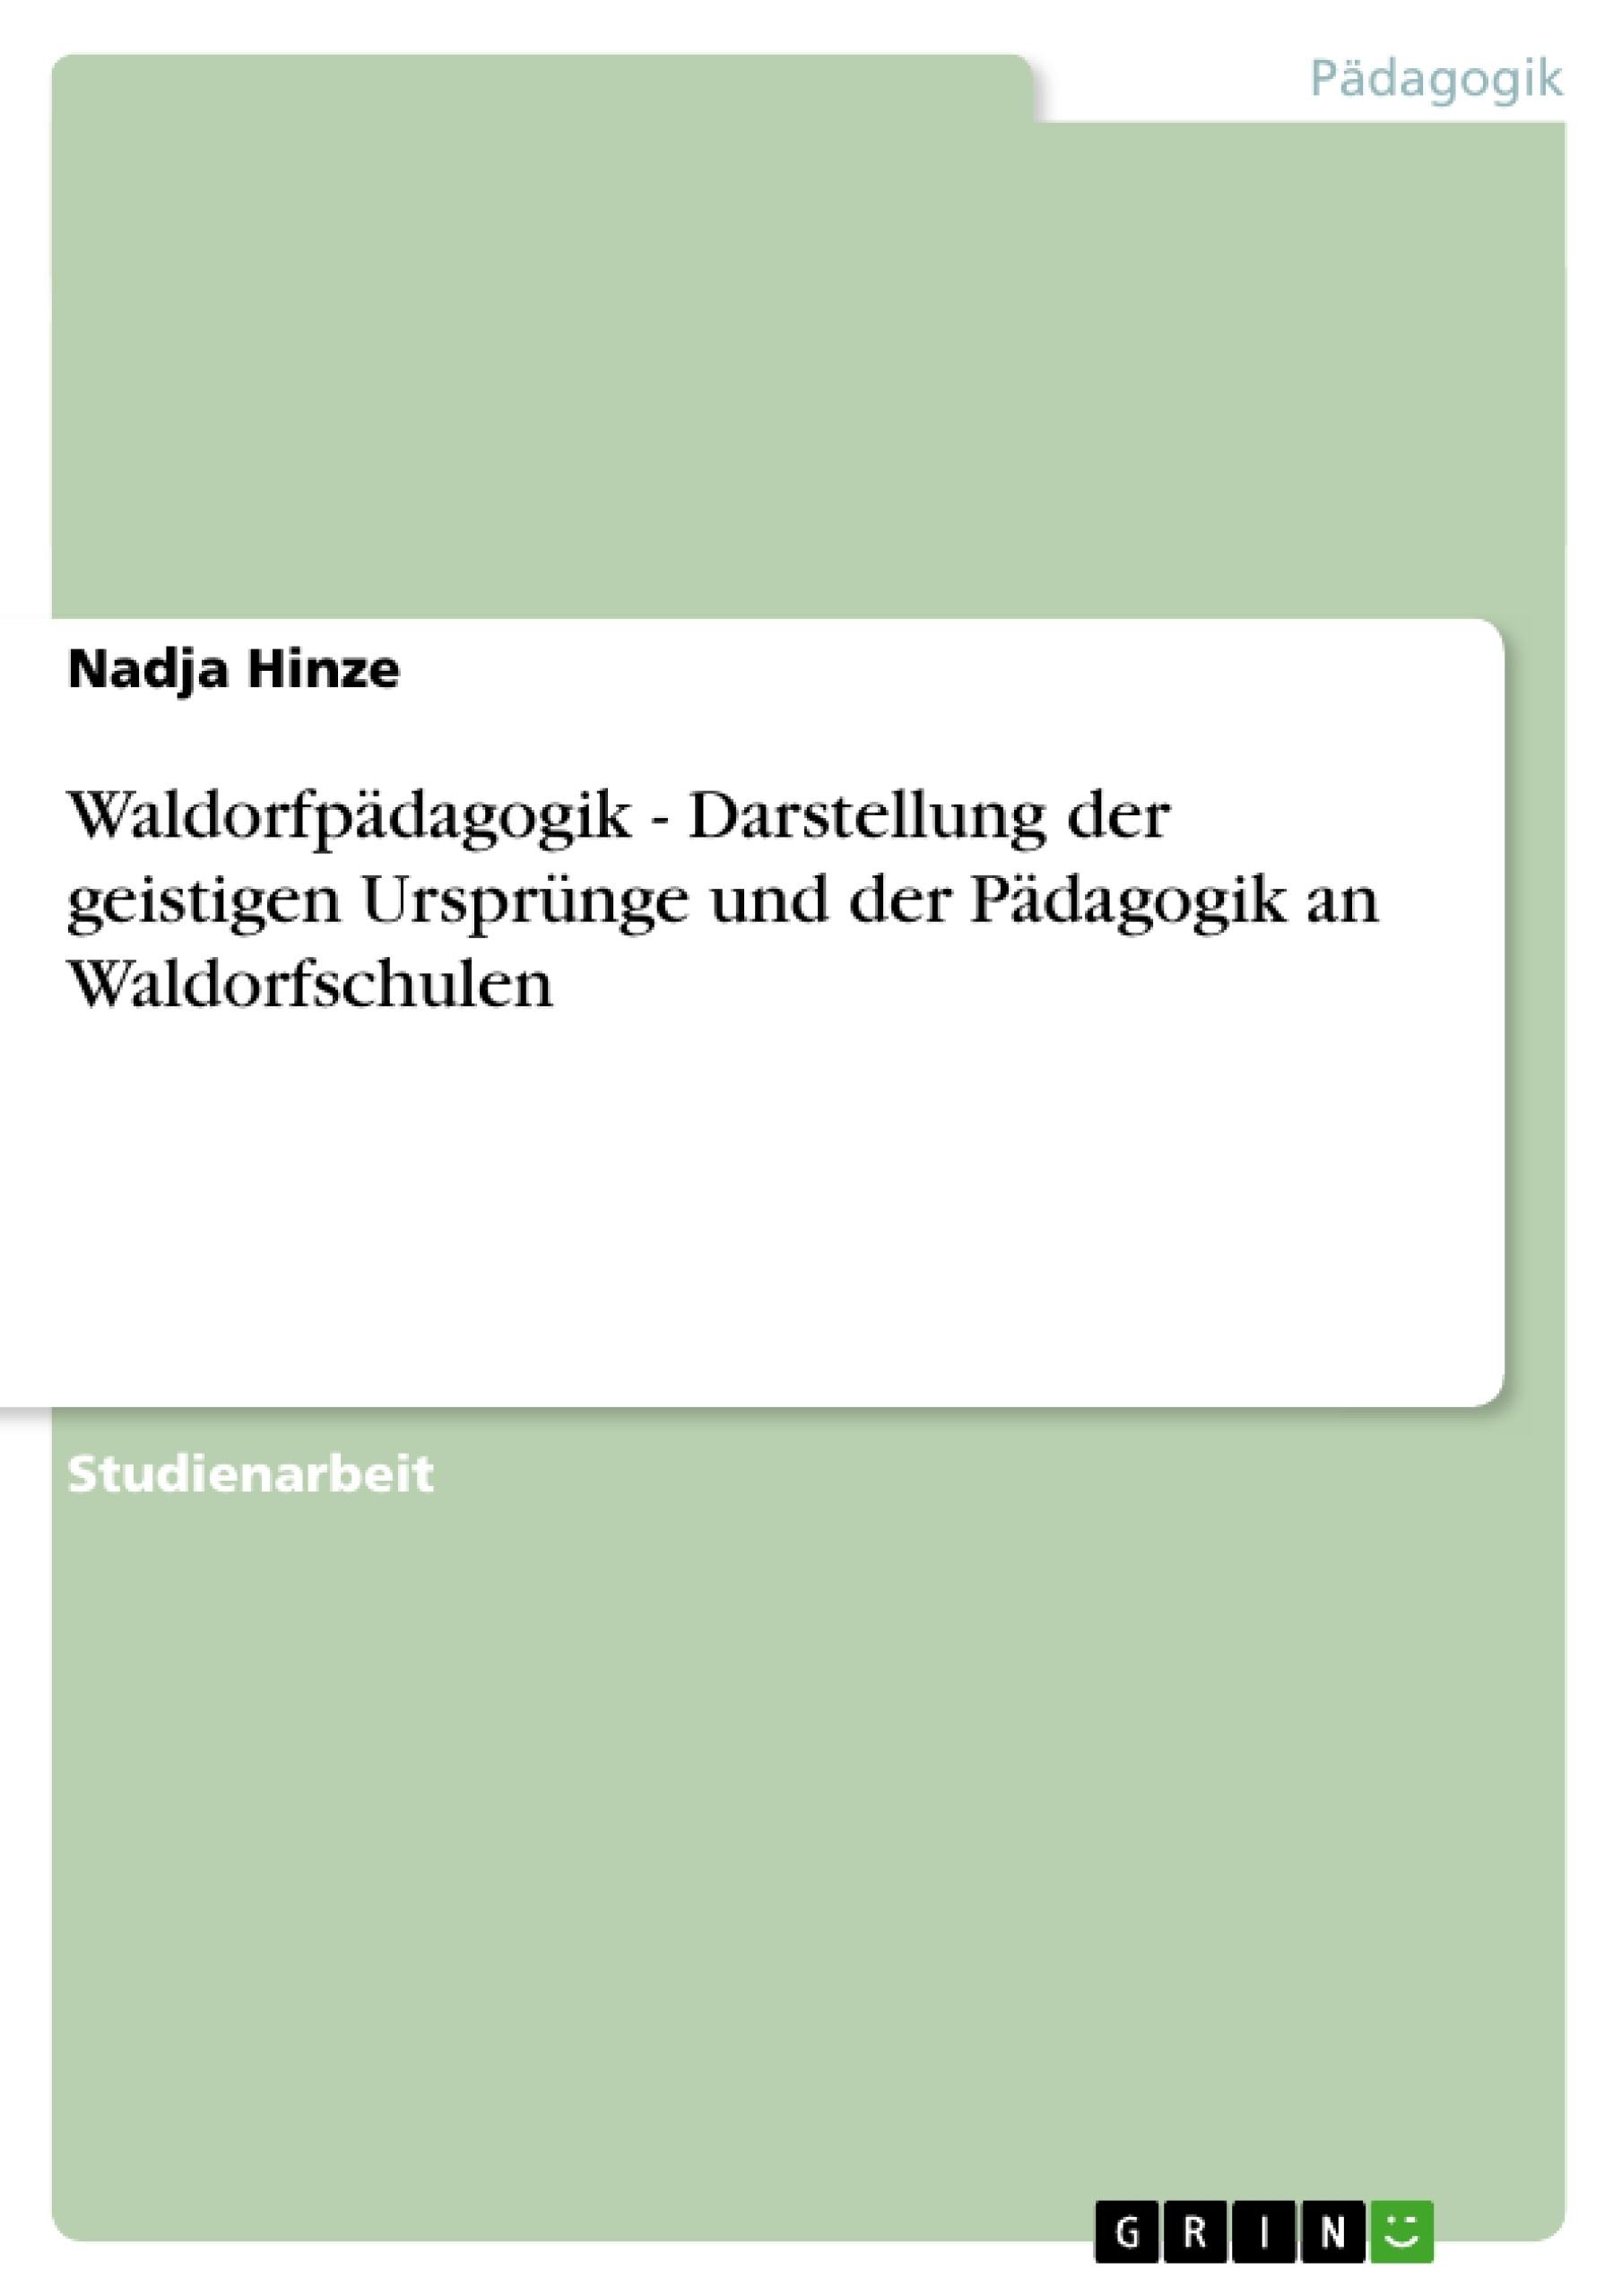 Titel: Waldorfpädagogik - Darstellung der geistigen Ursprünge und der Pädagogik an Waldorfschulen